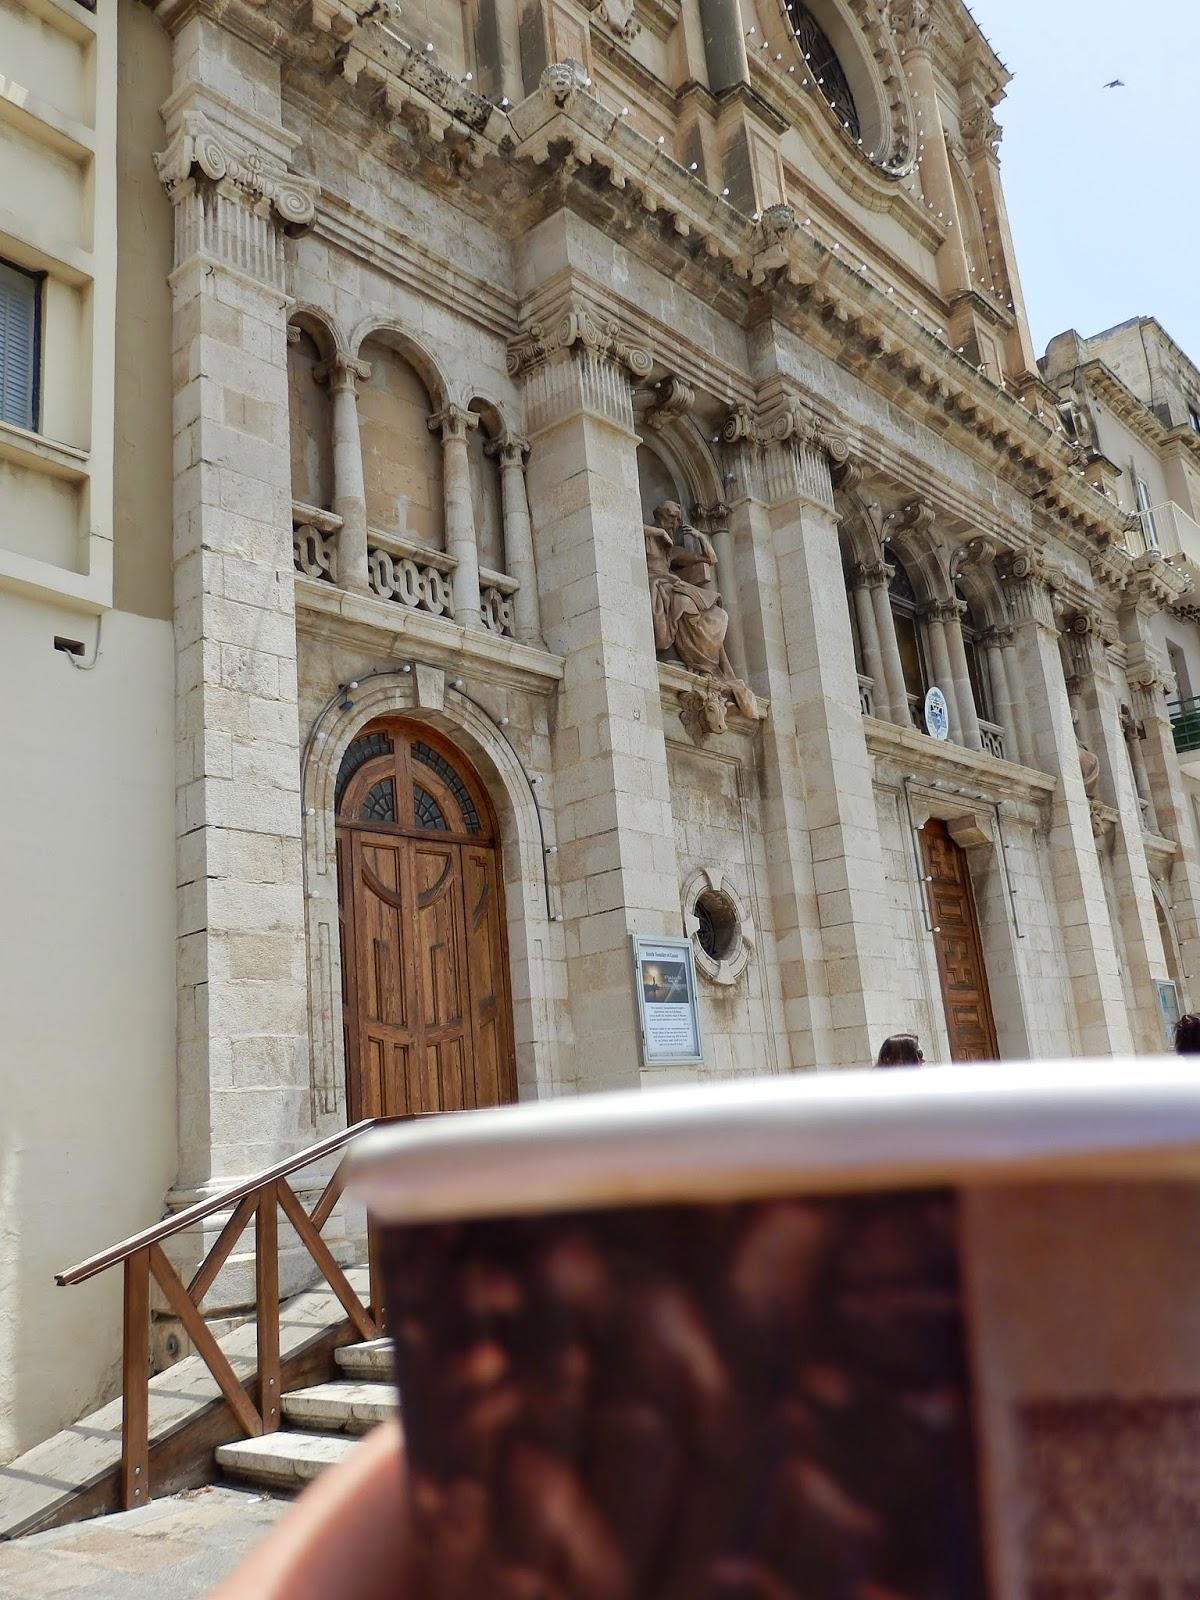 Coffee outside a church